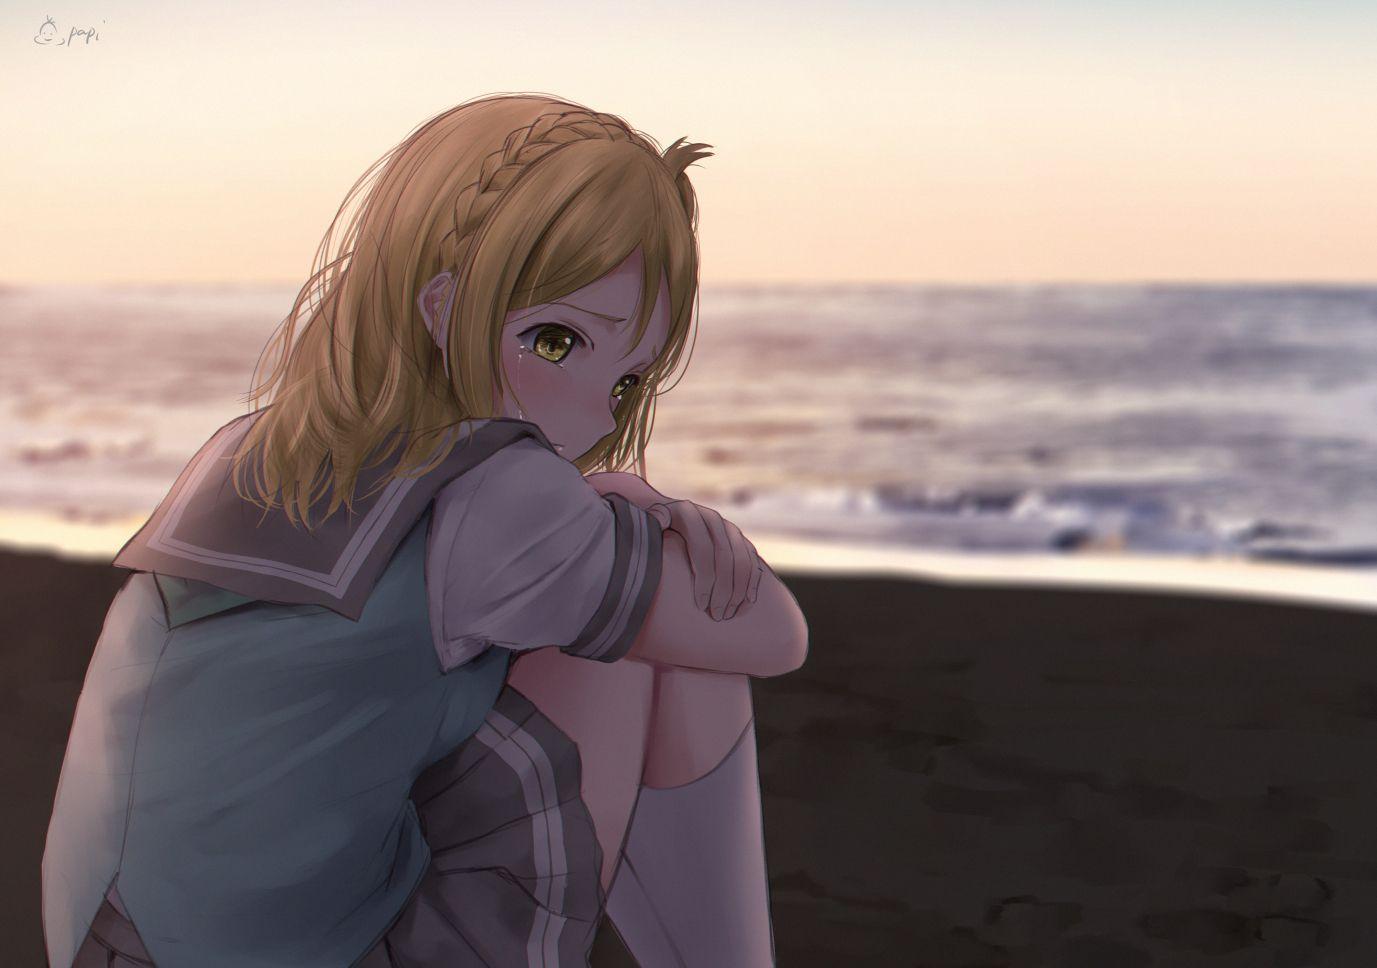 Ảnh anime buồn, đẹp nhất